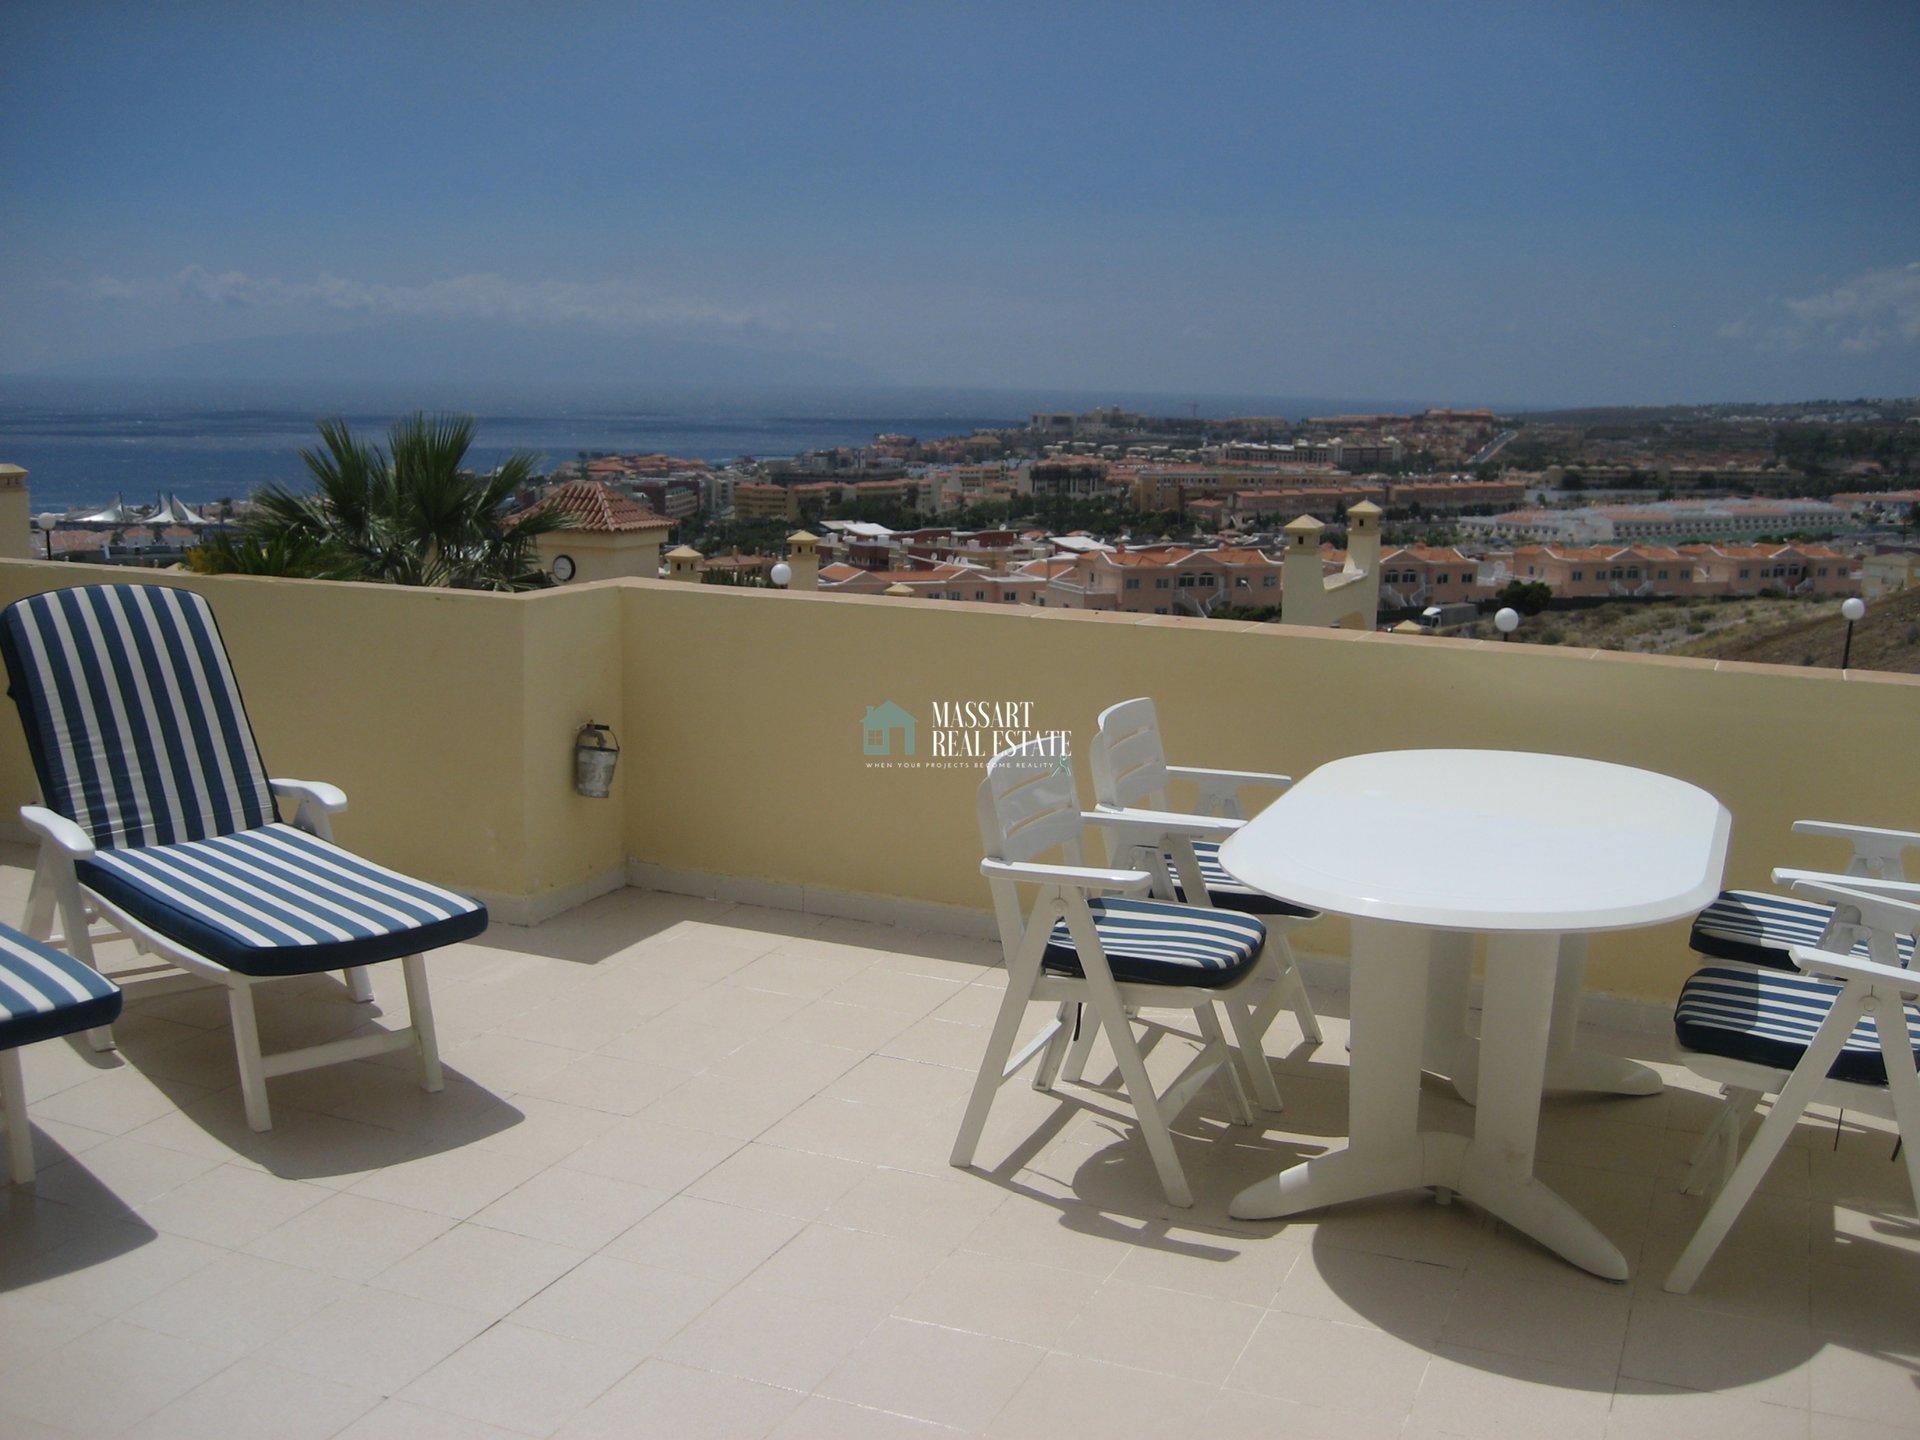 Wohnung zum Verkauf befindet sich im dritten Stock des touristischen Komplexes Balcón de Andalucía, in Torviscas Alto (Costa Adeje).